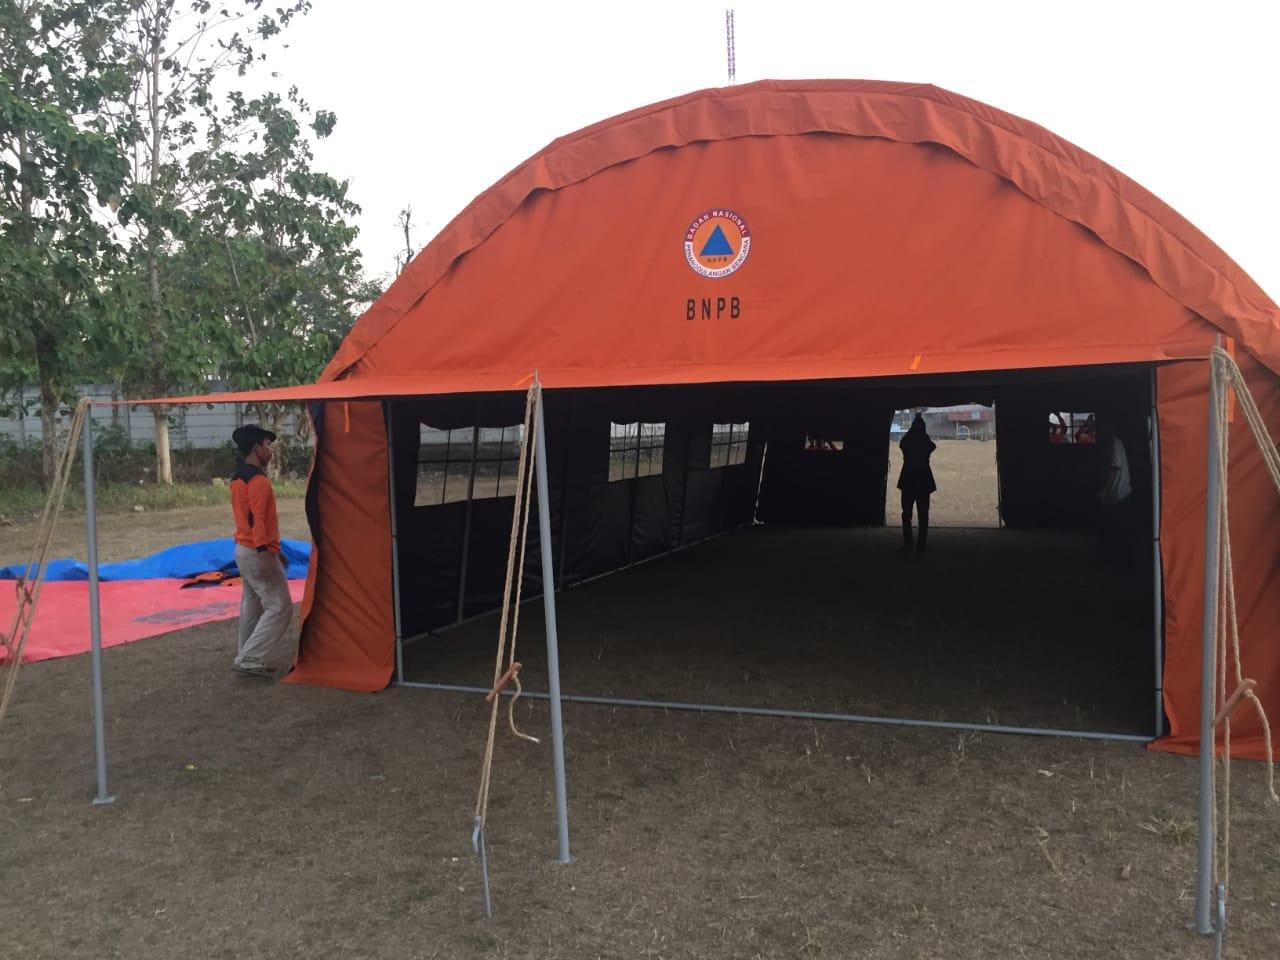 tenda darurat lorong bnpb tampak depan